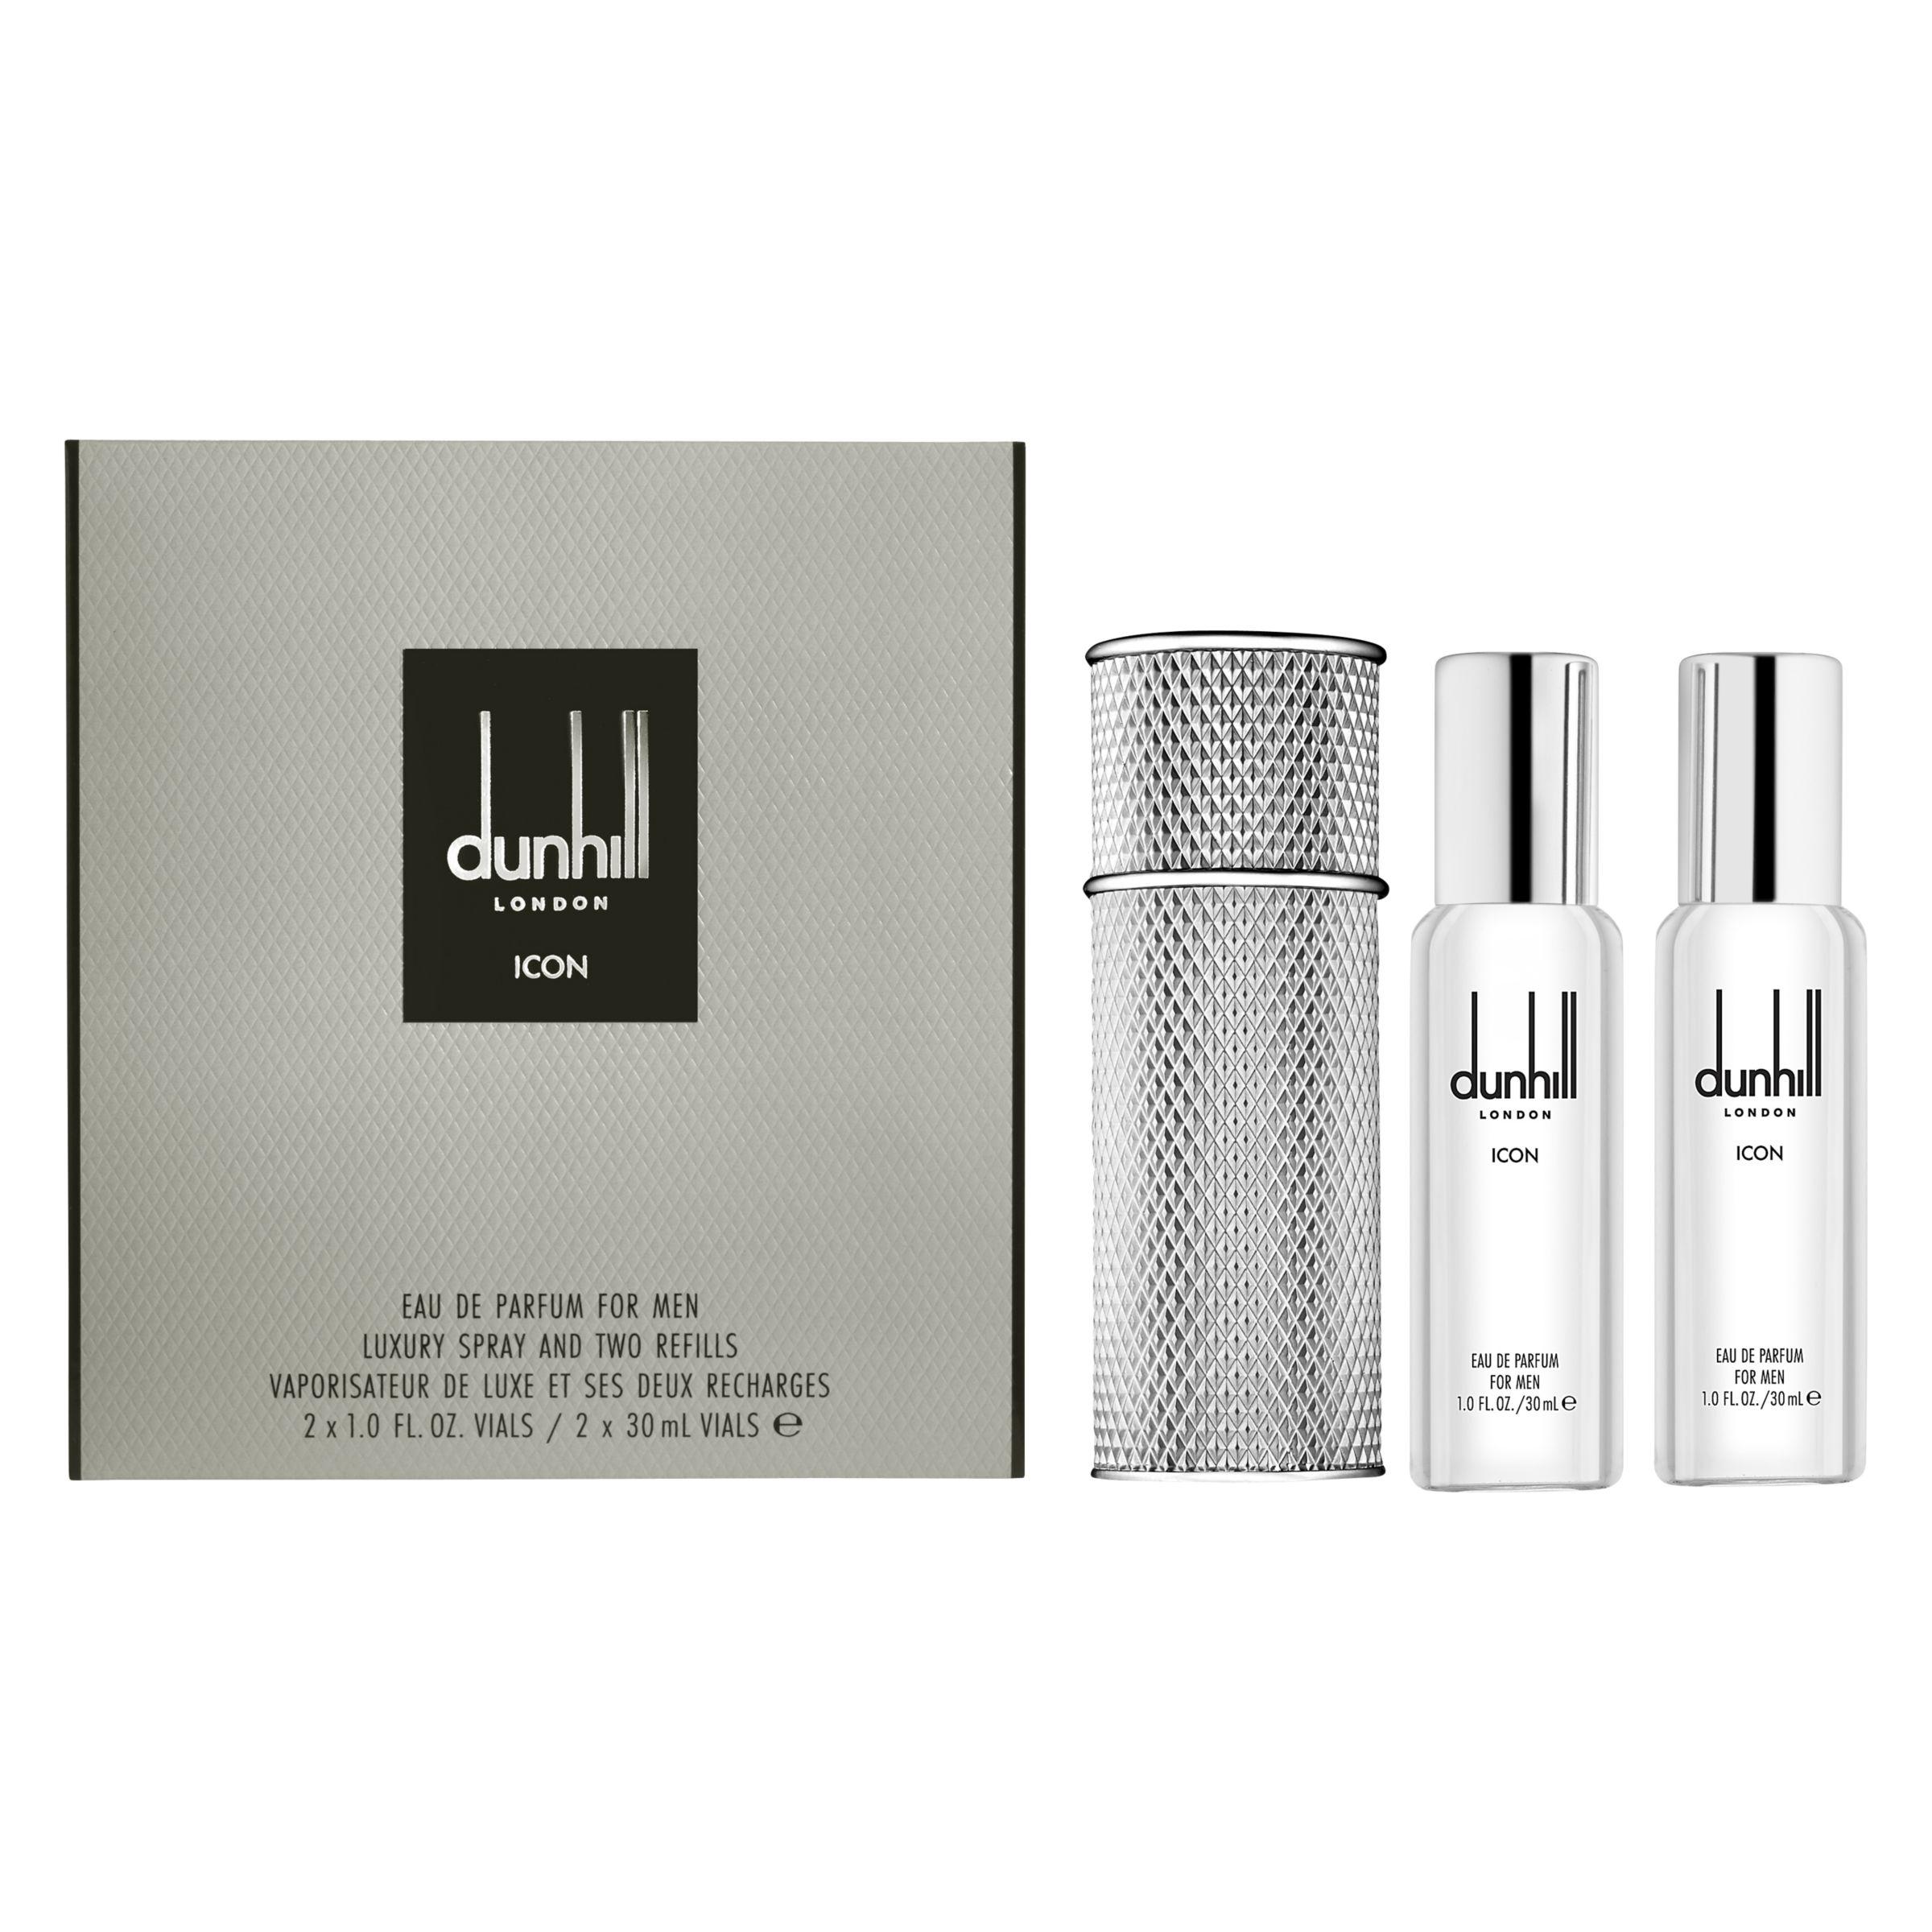 Dunhill Dunhill ICON Eau de Parfum Travel Spray, 2 x 30ml